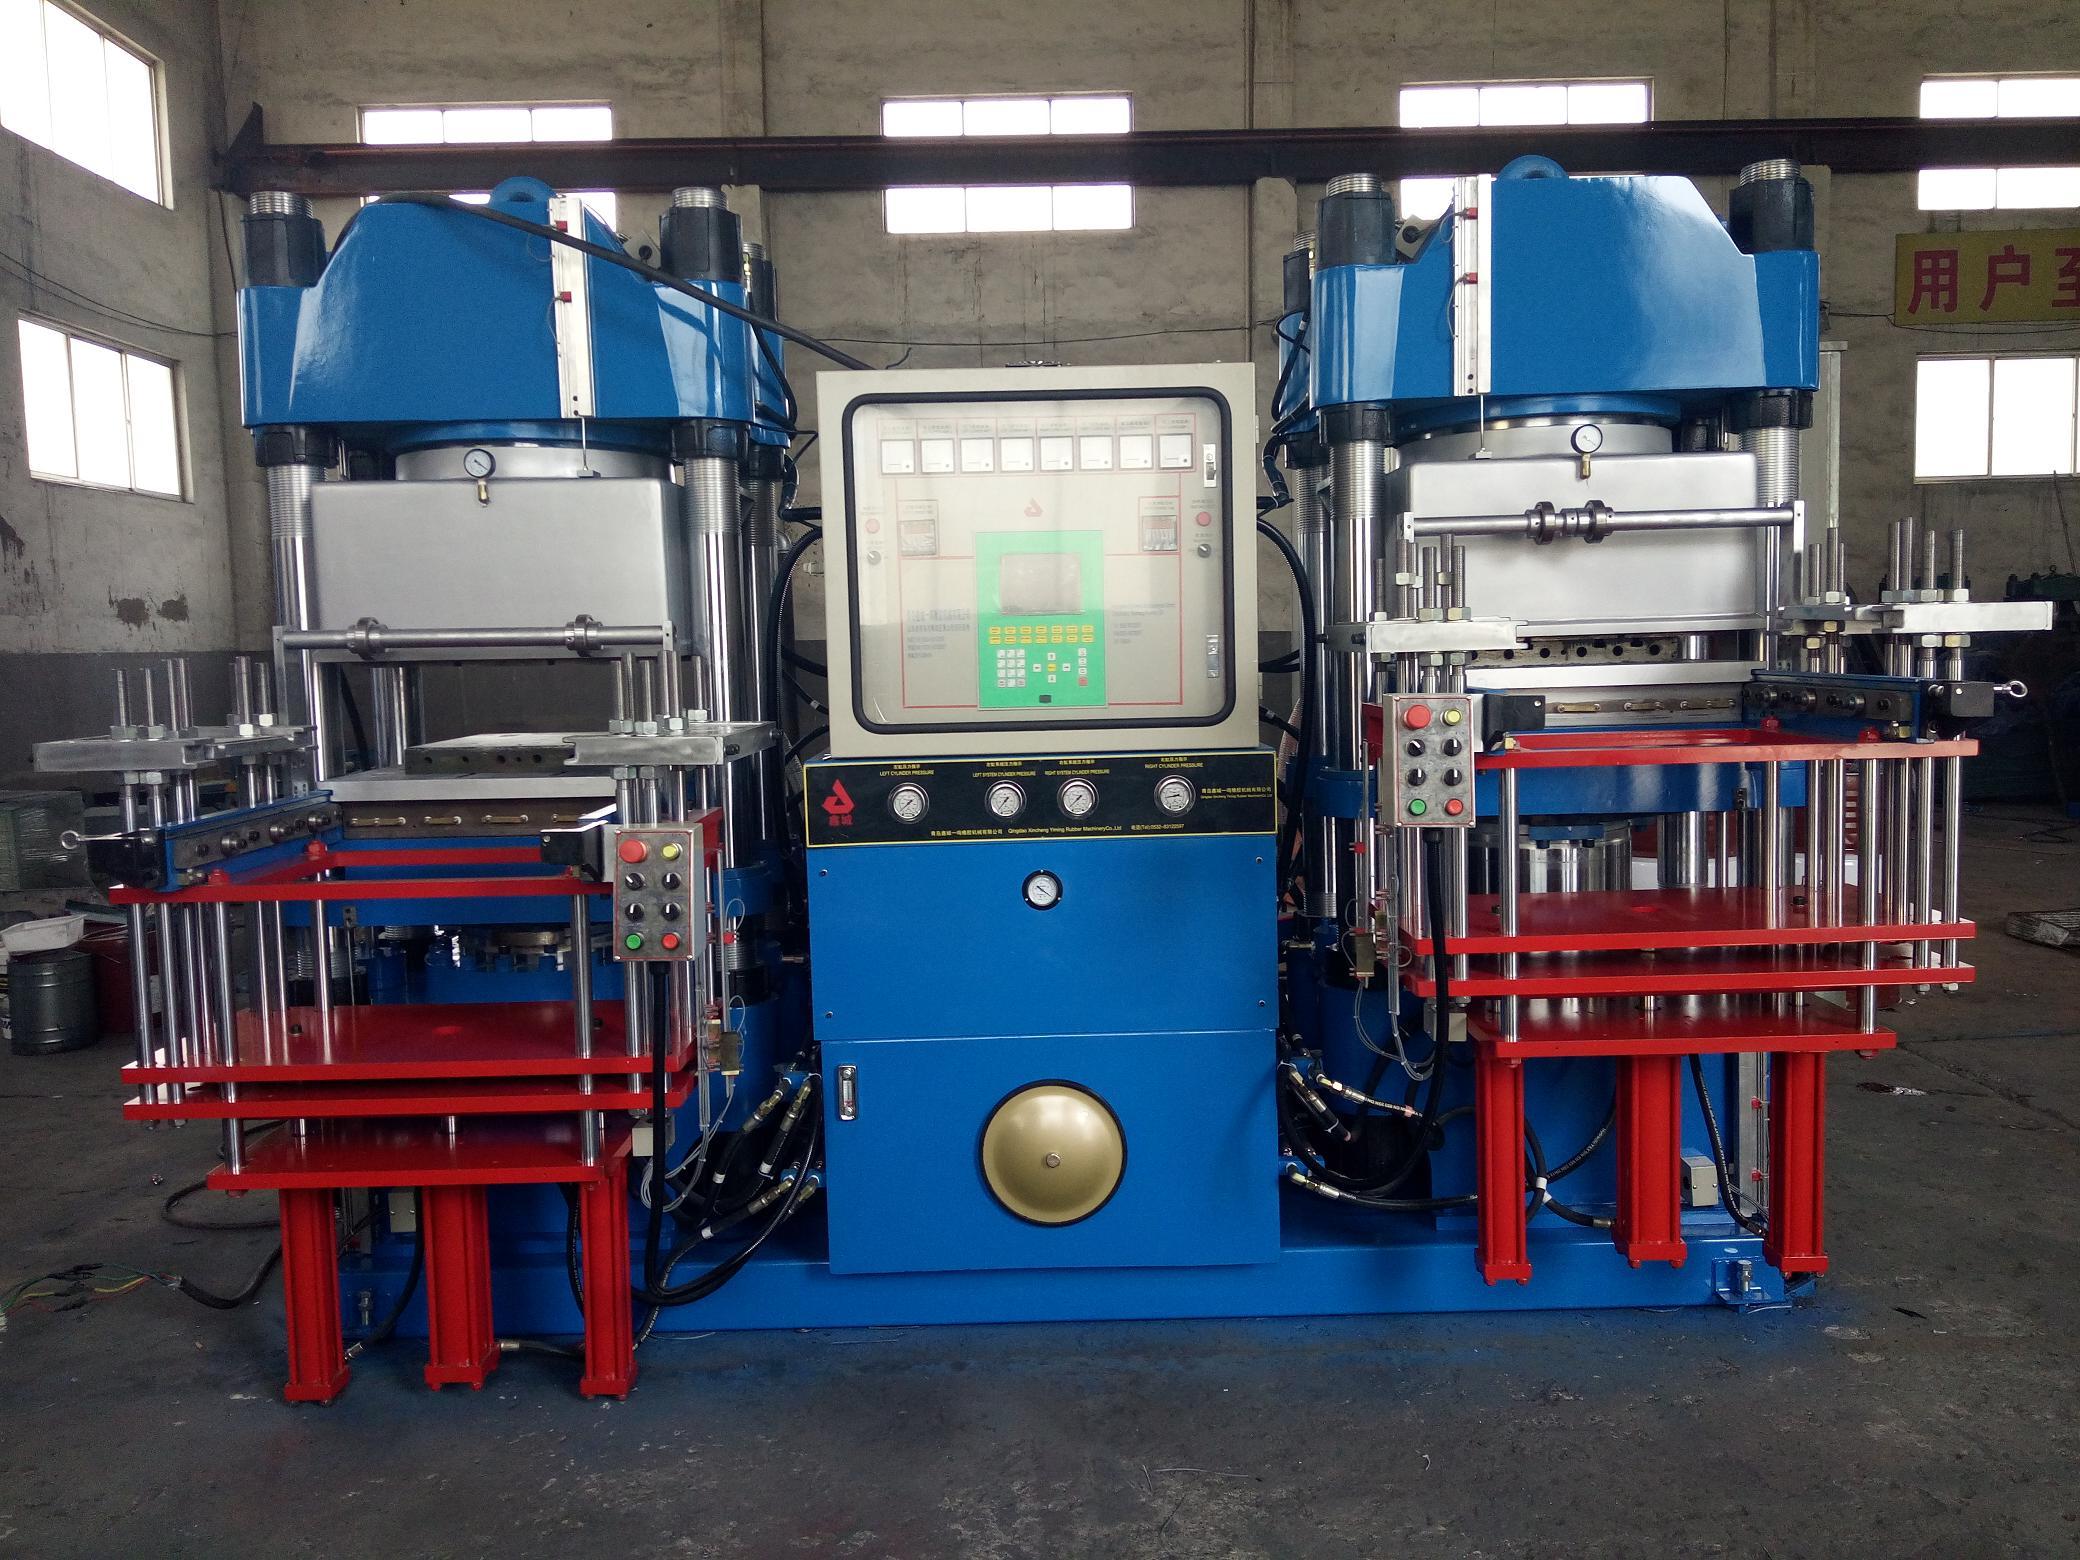 青岛鑫城一鸣VC真空成型机系列,抽真空平板硫化机,青岛唯一一家抽真空硫化机的厂家